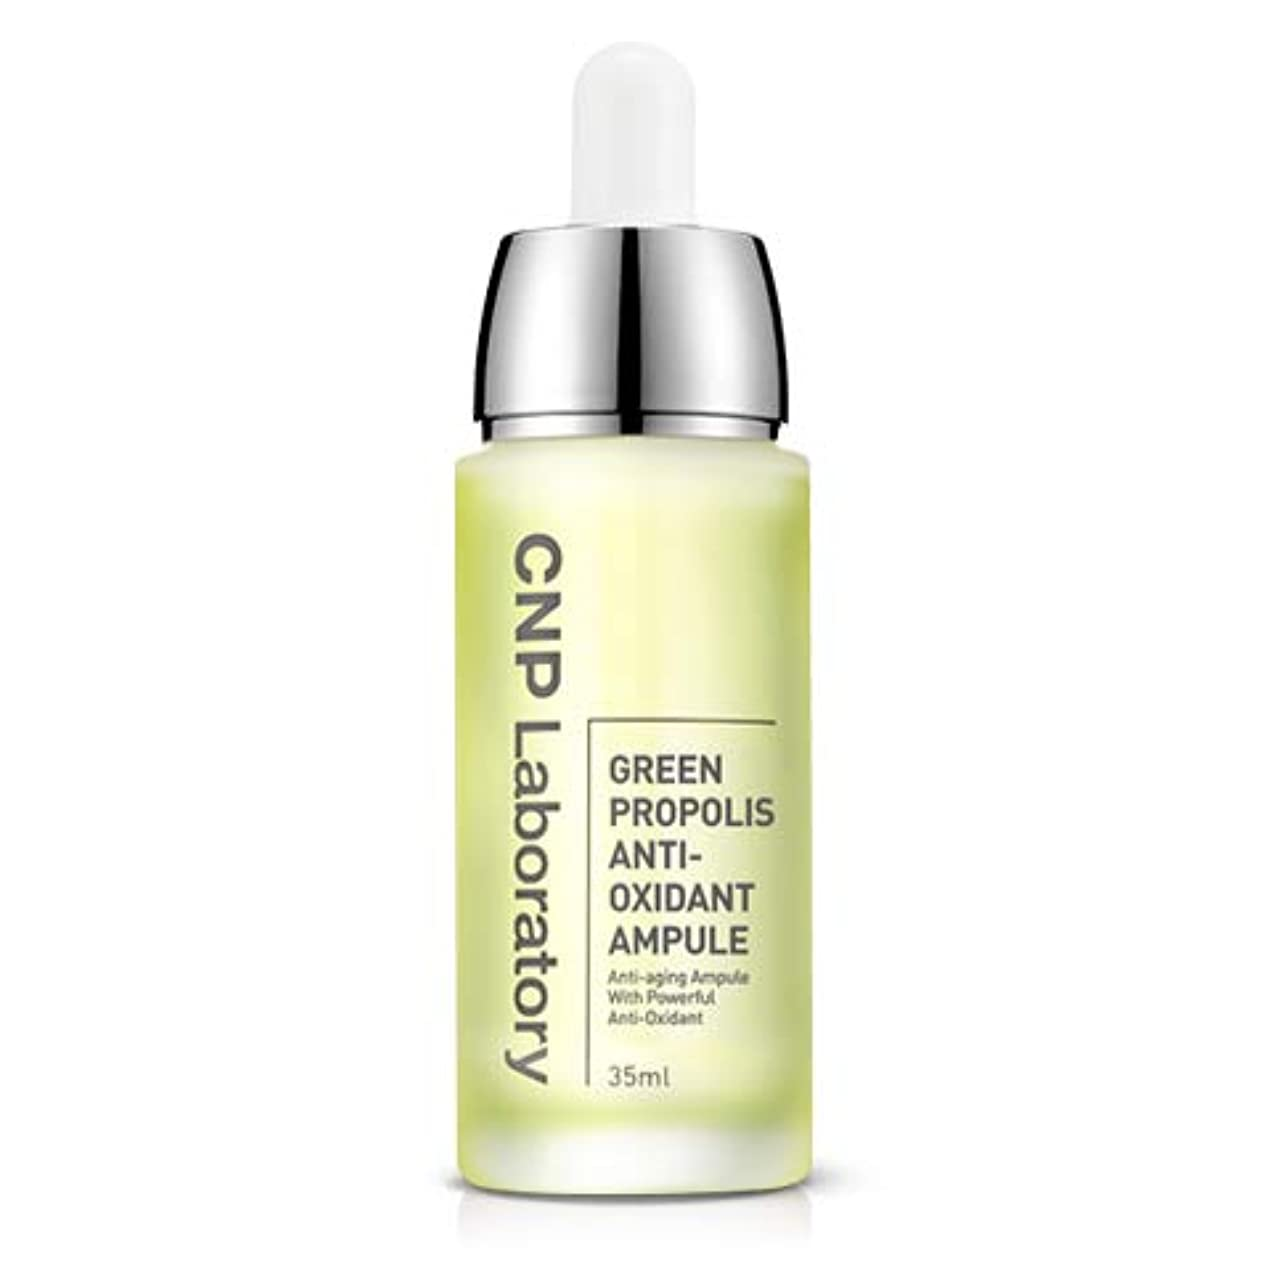 繊維次オーストラリア人CNP Laboratory グリーンプロポリス酸化防止剤アンプル/Green Propolis Anti-Oxidant Ampule 35ml [並行輸入品]